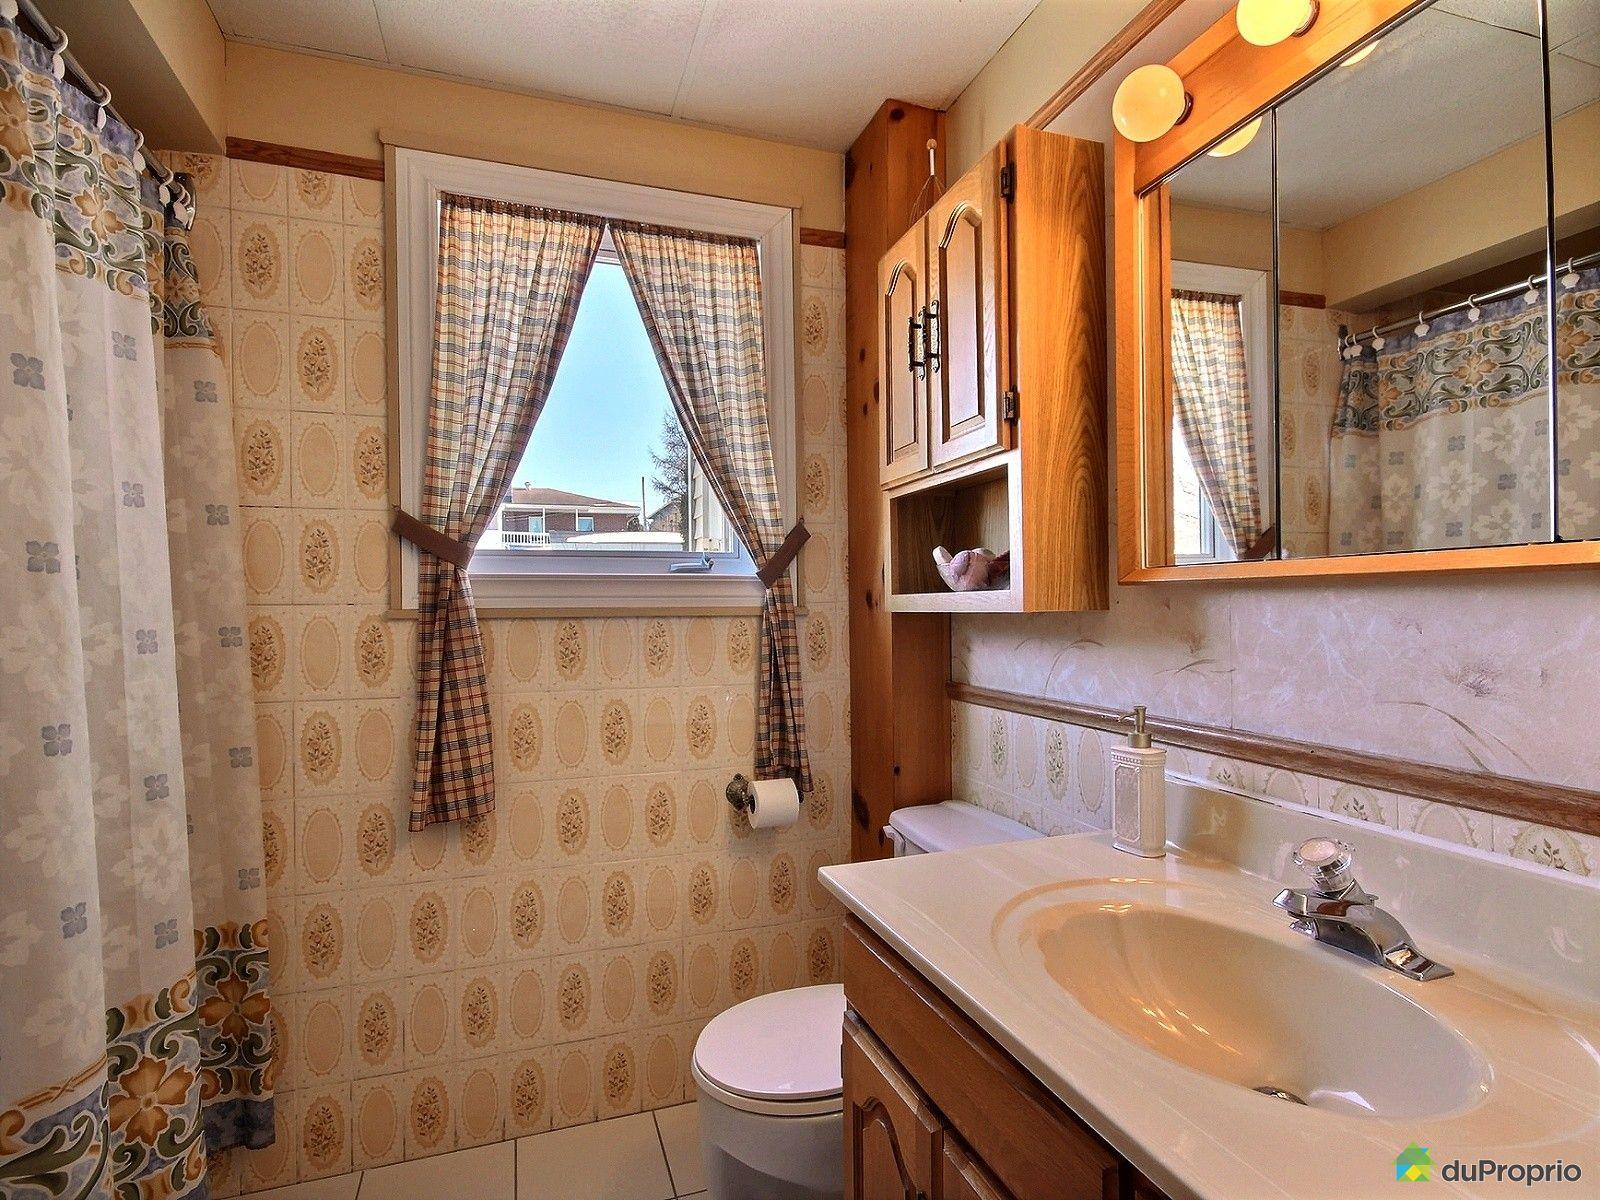 maison vendre la baie 1871 8e avenue immobilier qu bec duproprio 600867. Black Bedroom Furniture Sets. Home Design Ideas